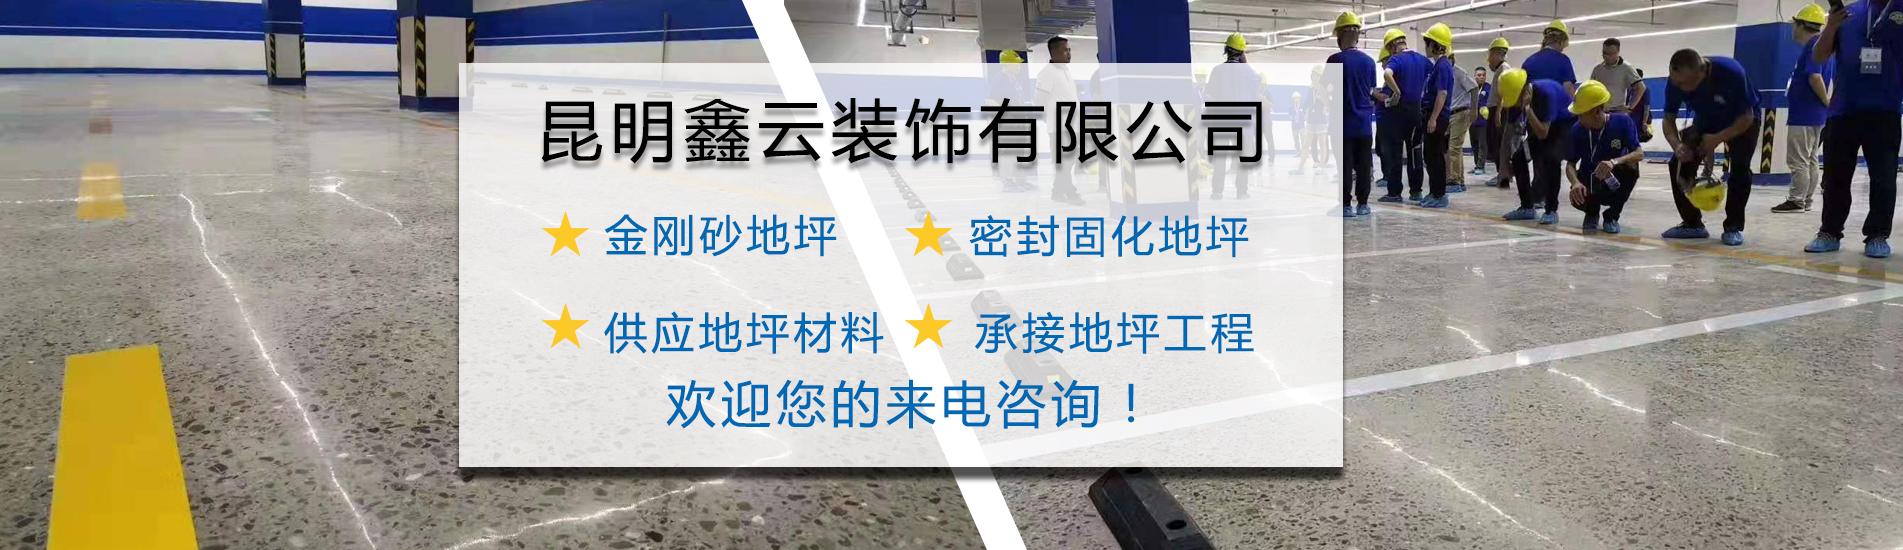 云南鑫云装饰有限公司